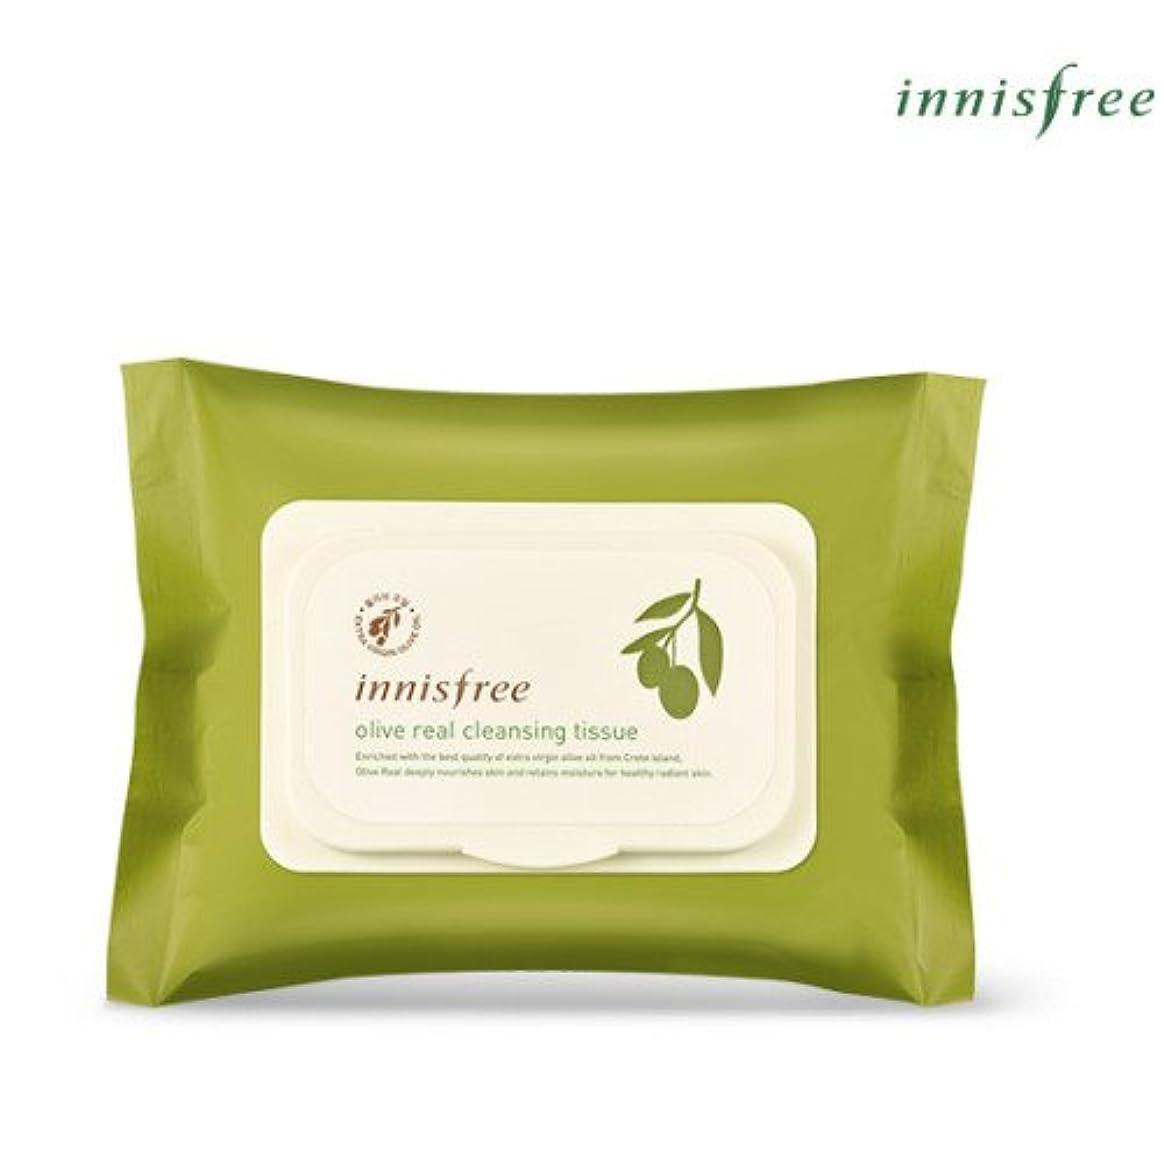 誘惑排気実験的[INNISFREE]イニスフリーオリーブリアルクレンジングティッシュ30個入olive real cleansing tissue 30pcs [並行輸入品]